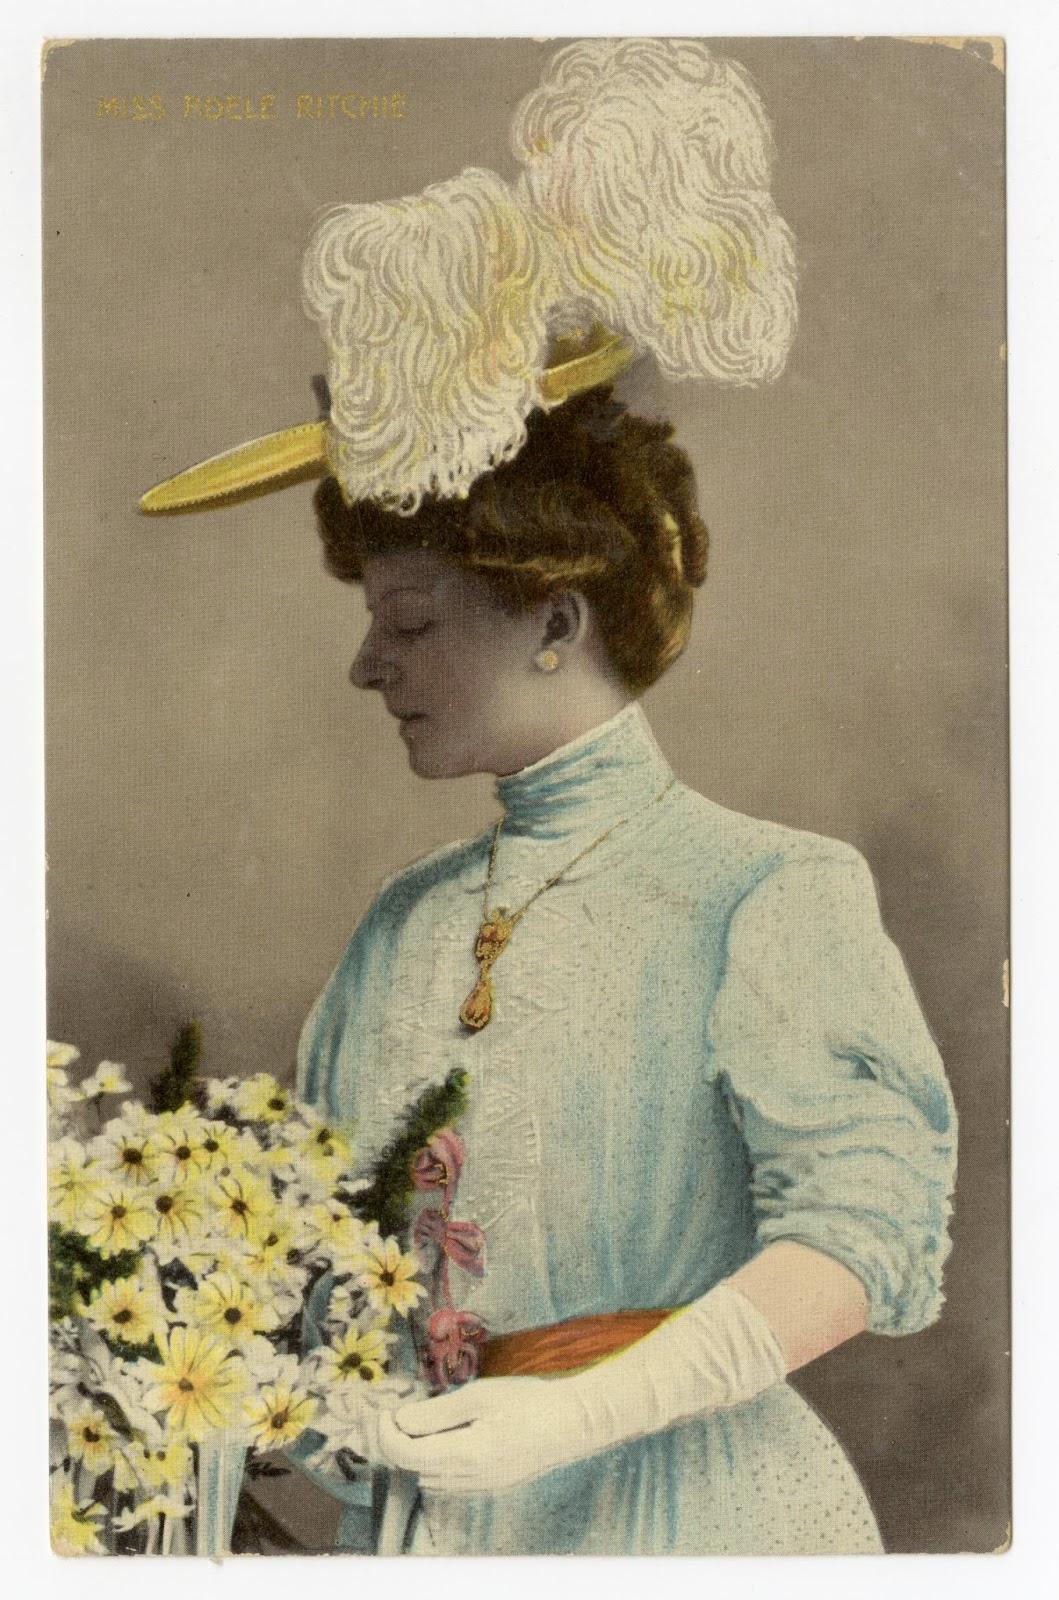 Adele colorized portrait